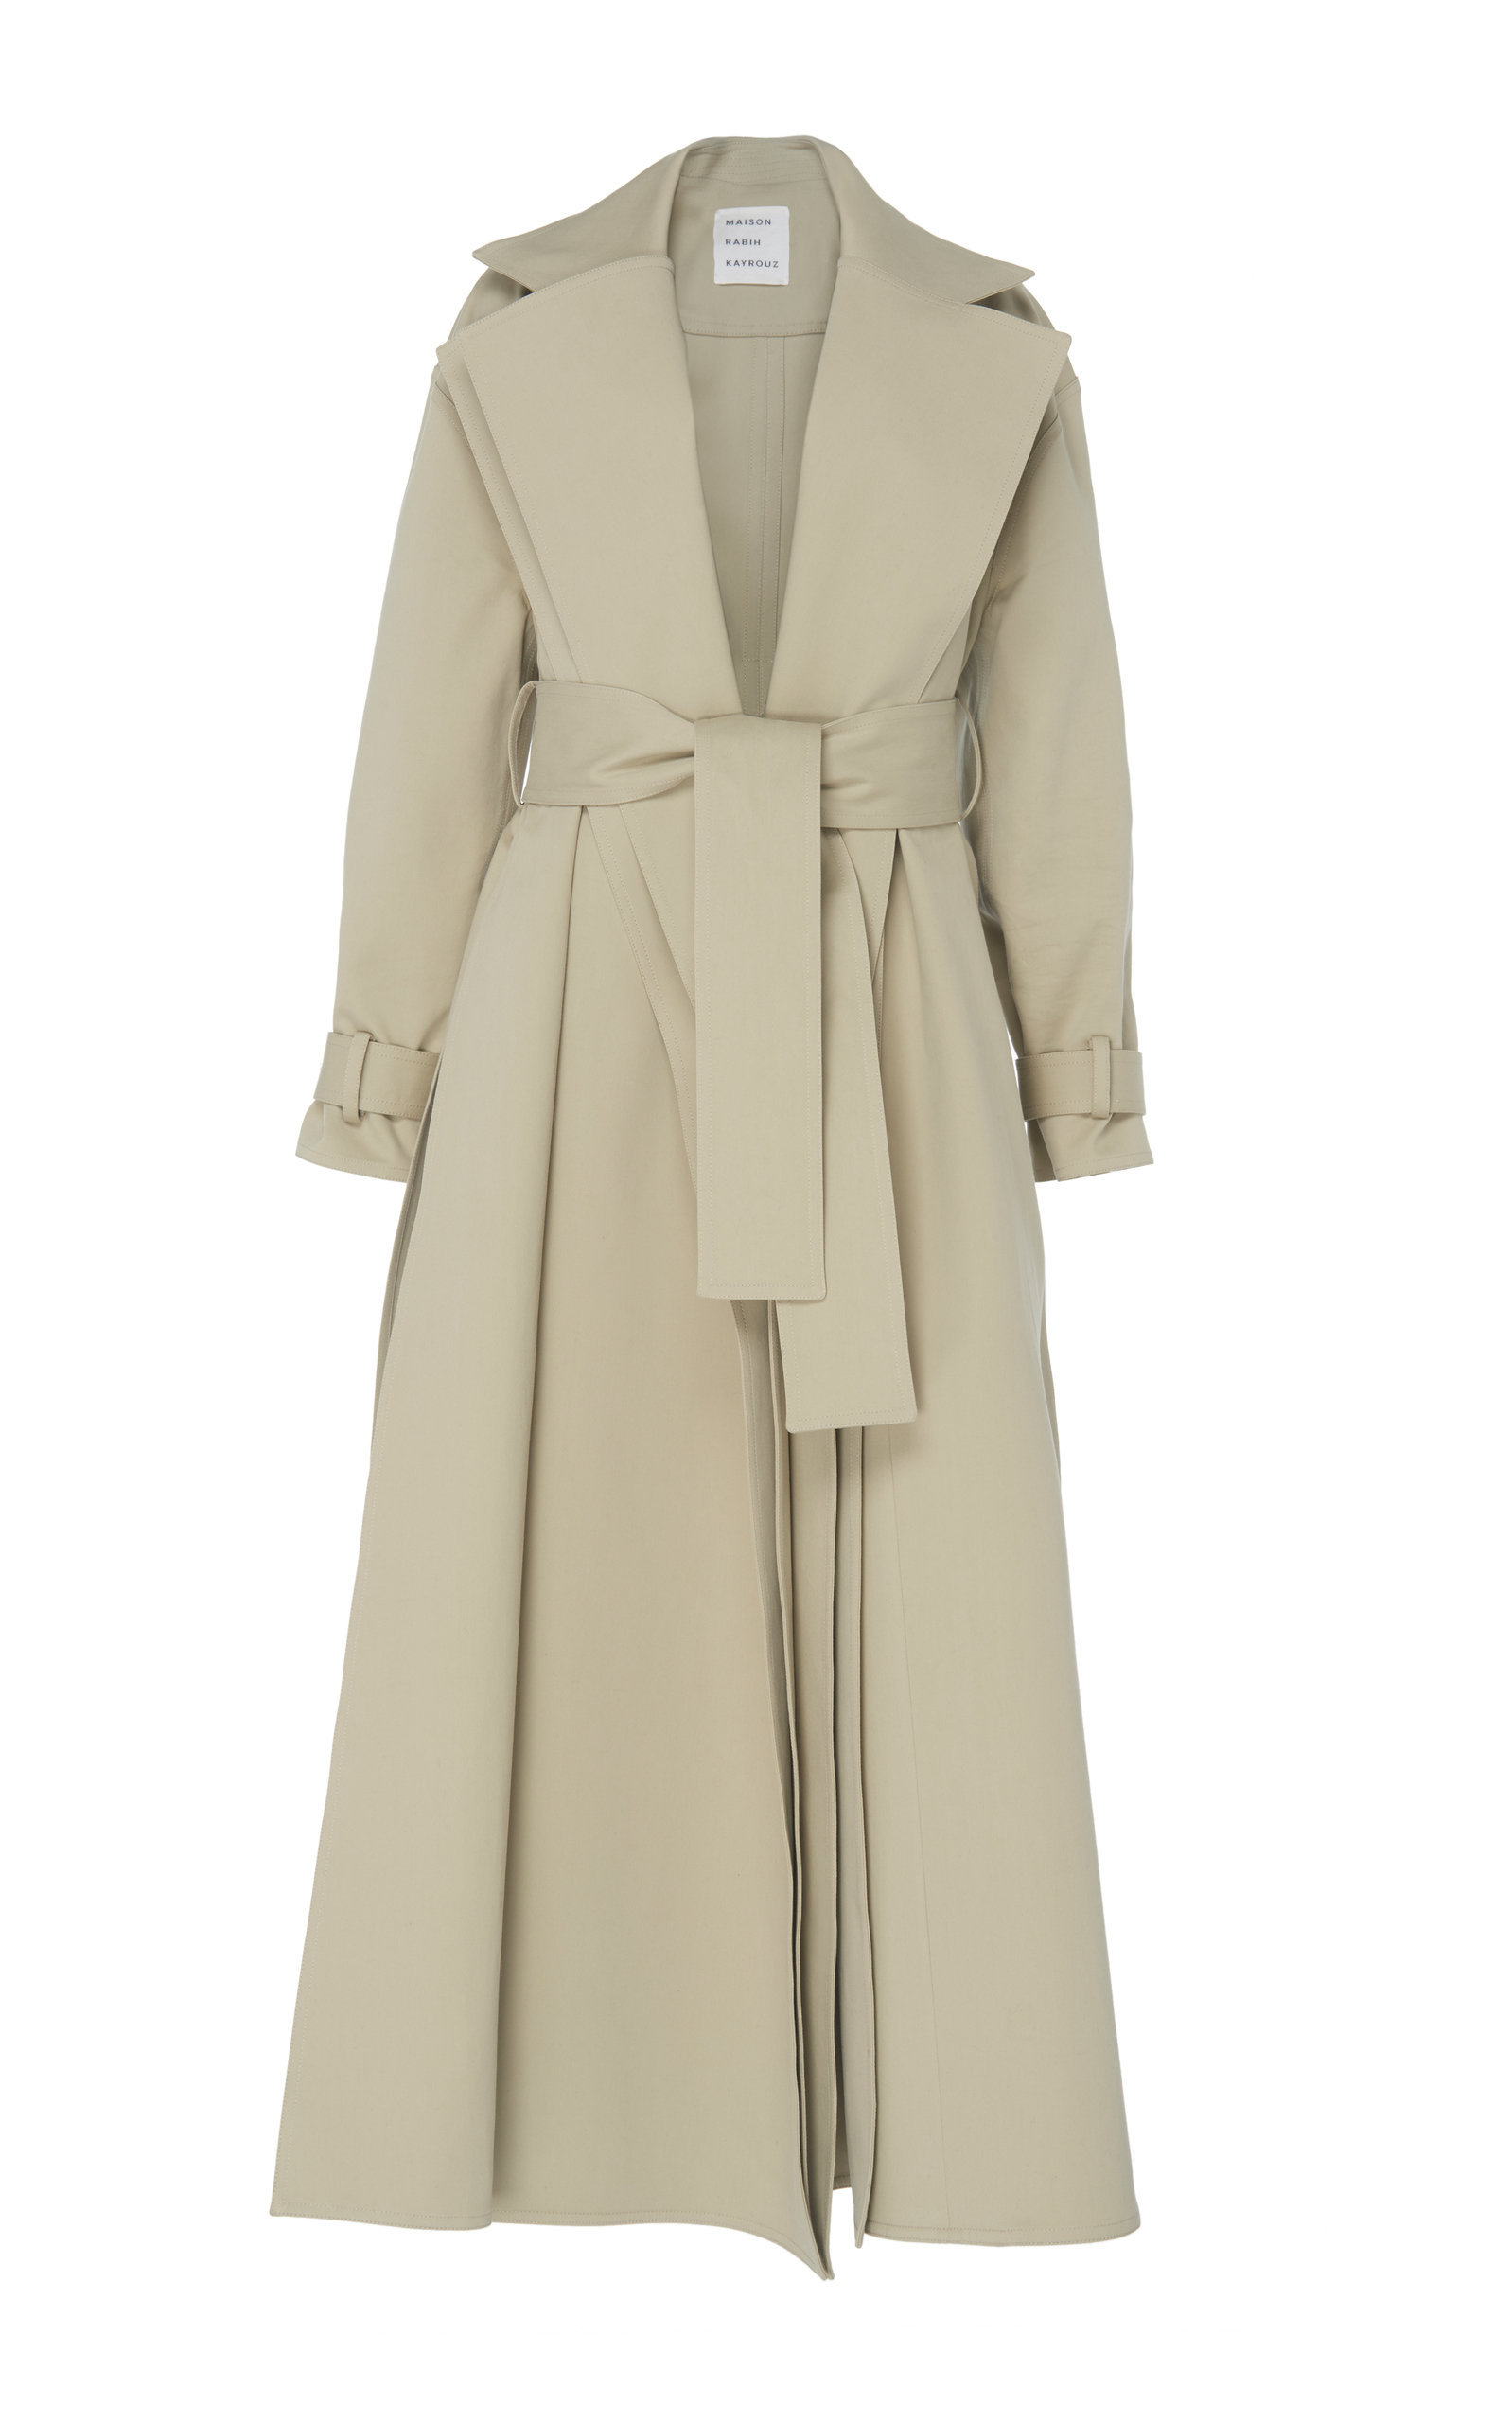 Maison Rabih Kayrouz Trench Coat, $2940